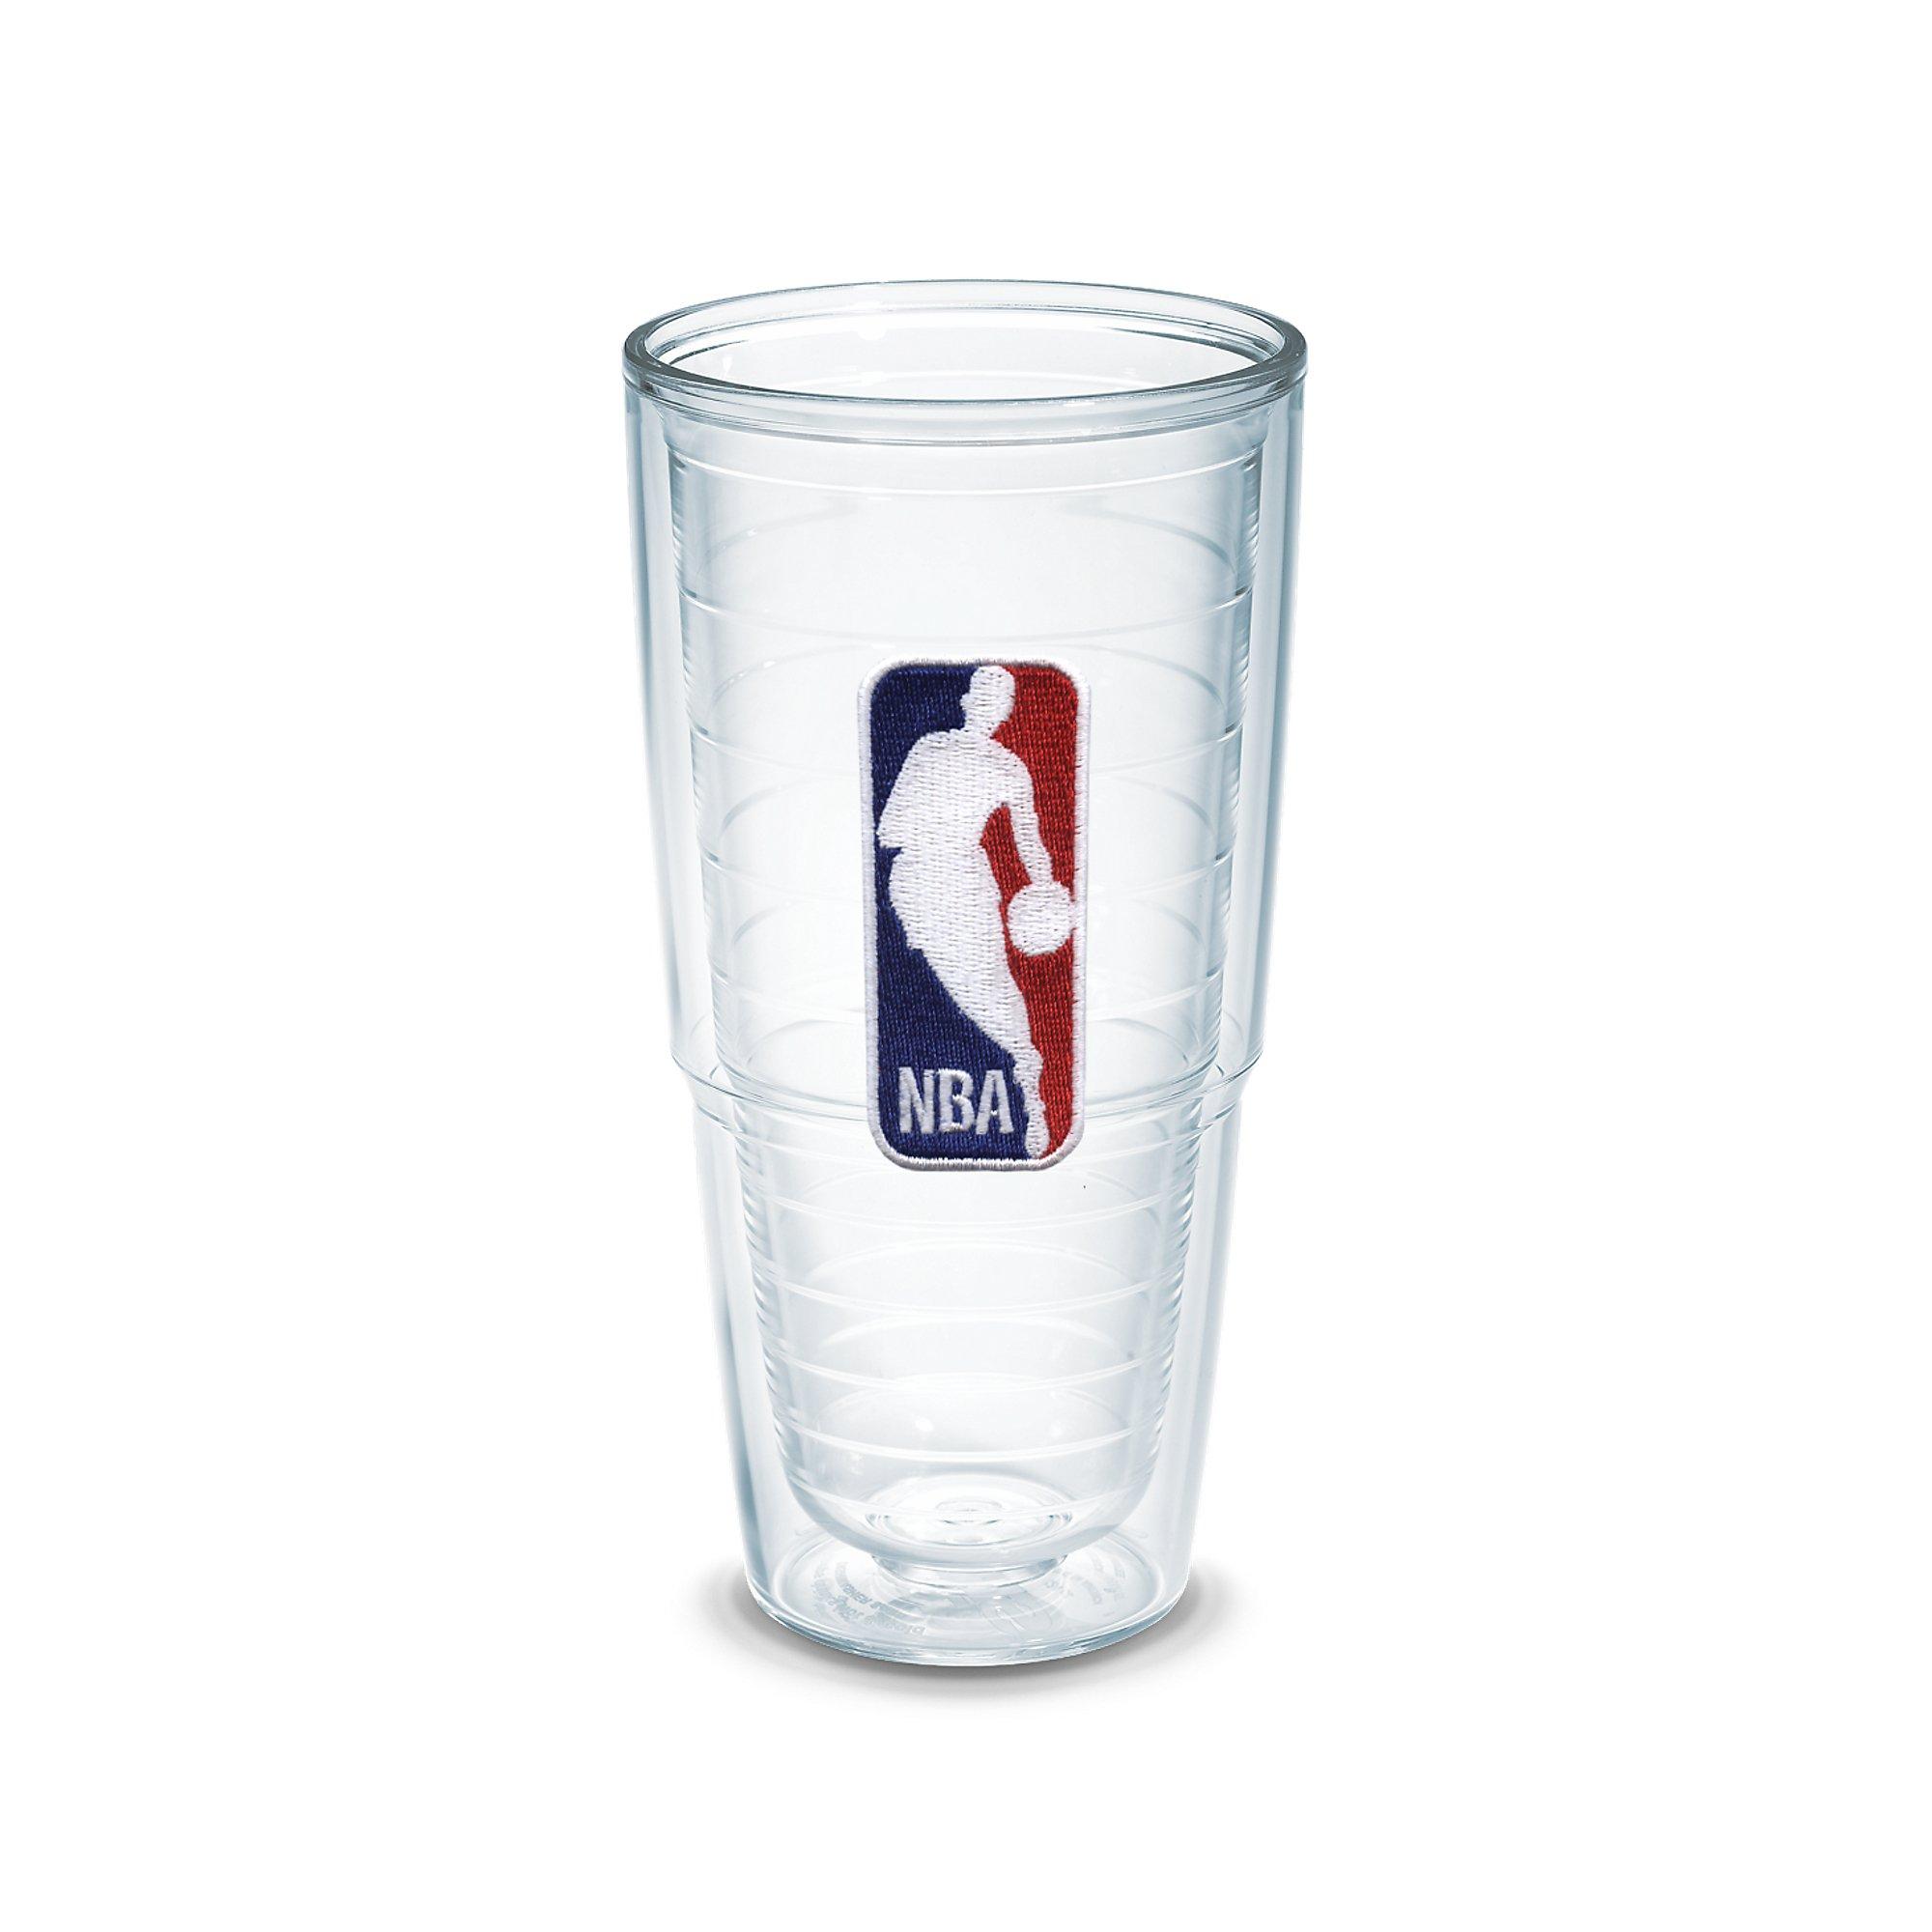 Tervis 1051538 ''NBA Logo'' Tumbler, Emblem, 24 oz, Clear